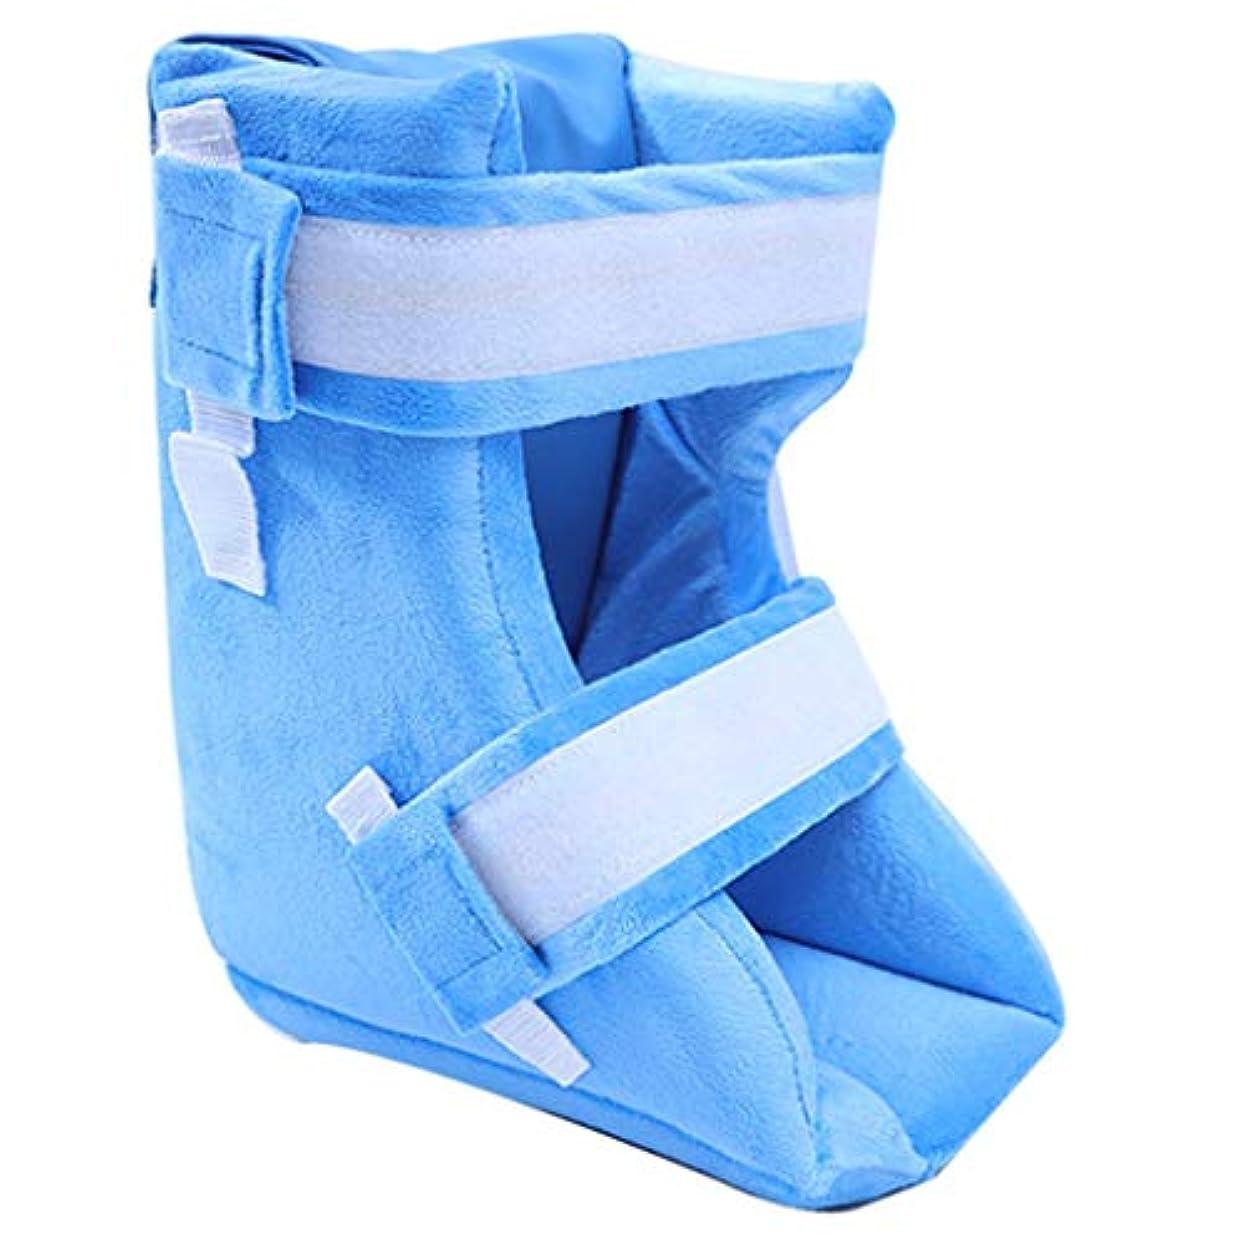 学者類推特権的ヒールプロテクター枕、Anti-Bedsoresヒールパッド足首プロテクタークッション、有効褥瘡とヒール潰瘍緩和足枕、1個